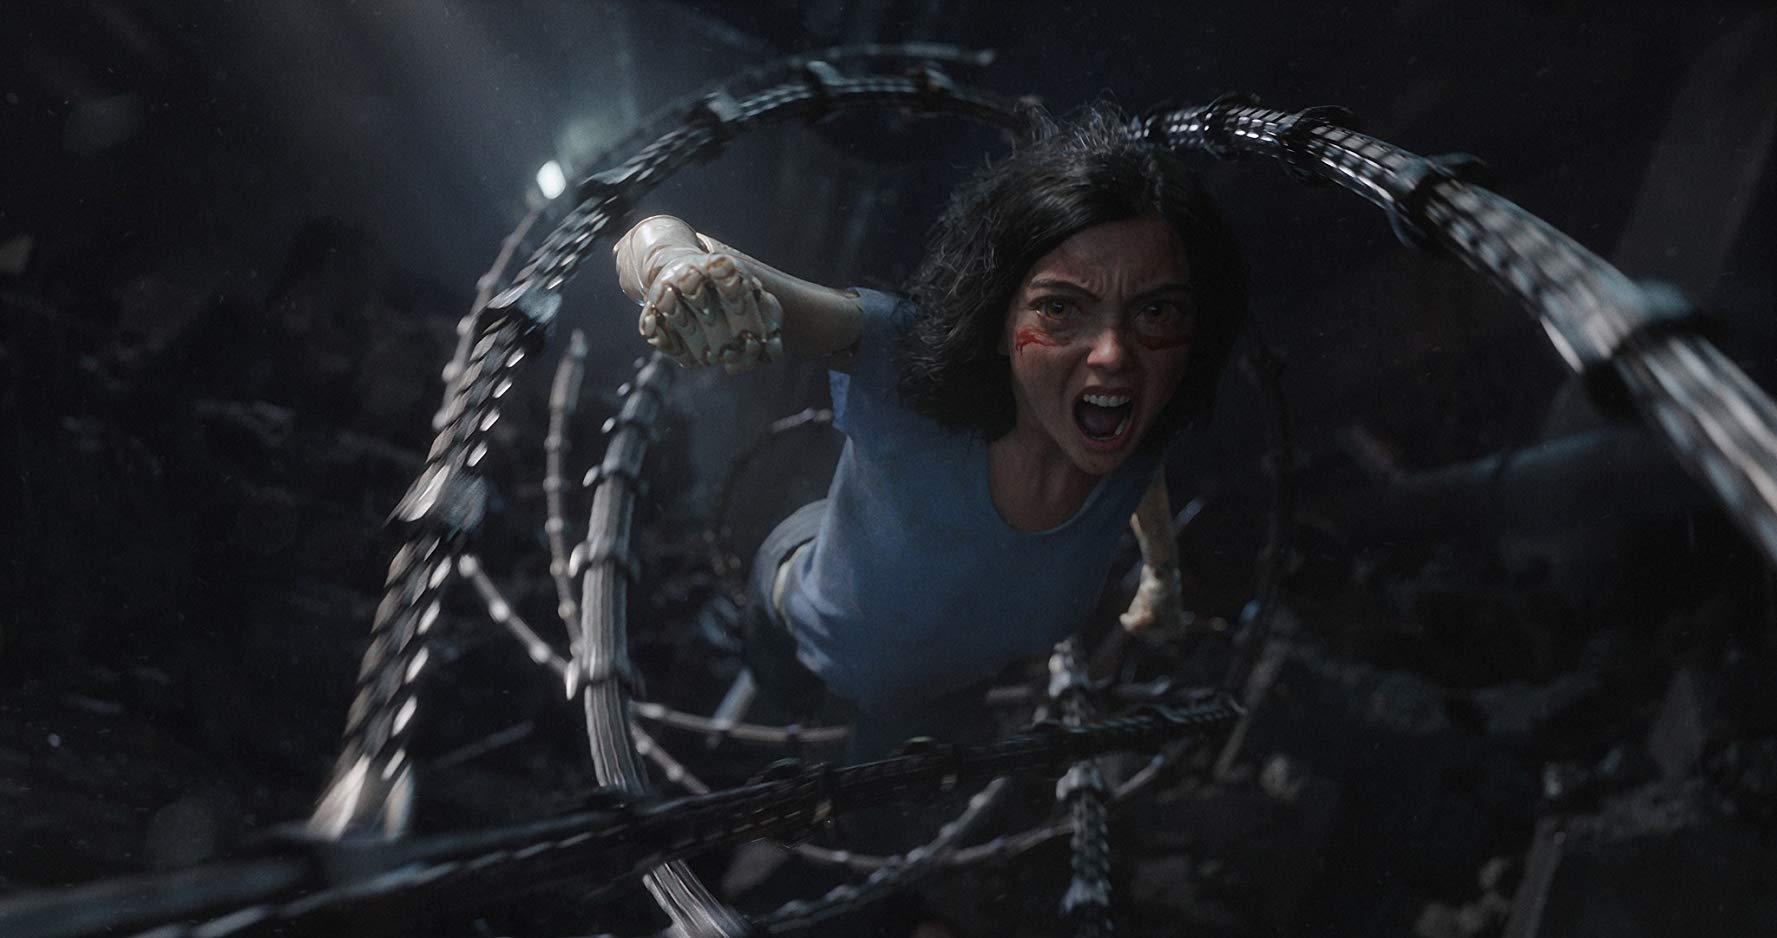 Alita - Angelo della battaglia: Rosa Salazar è Alita, in una scena di lotta